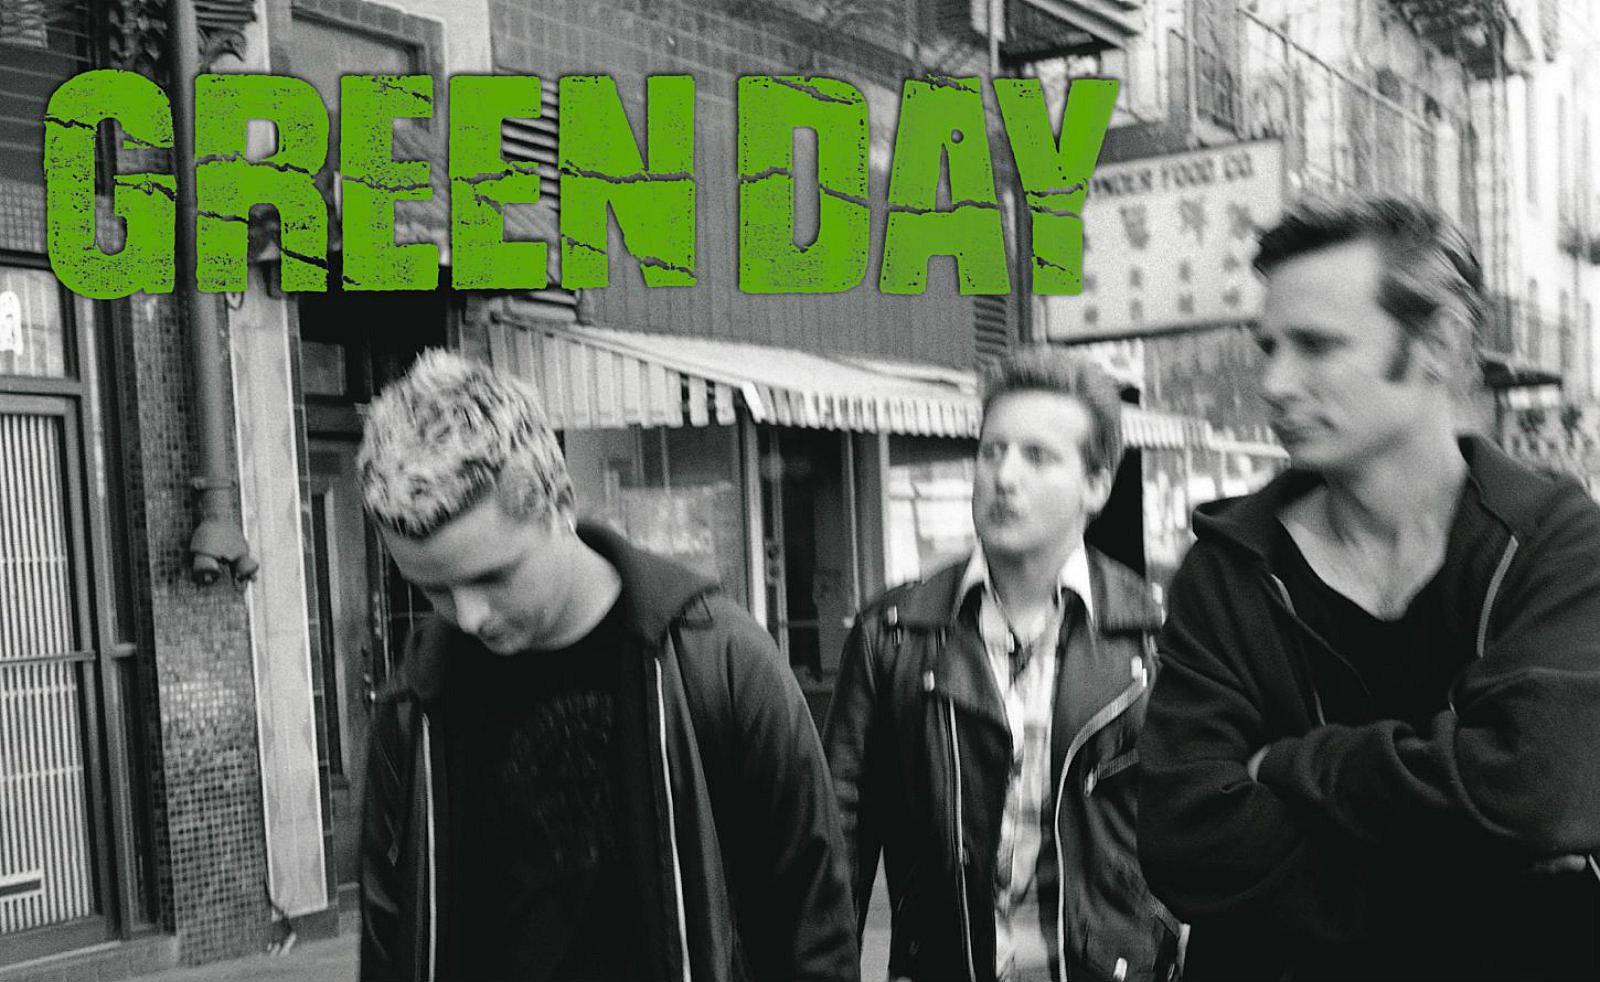 green-day-slide